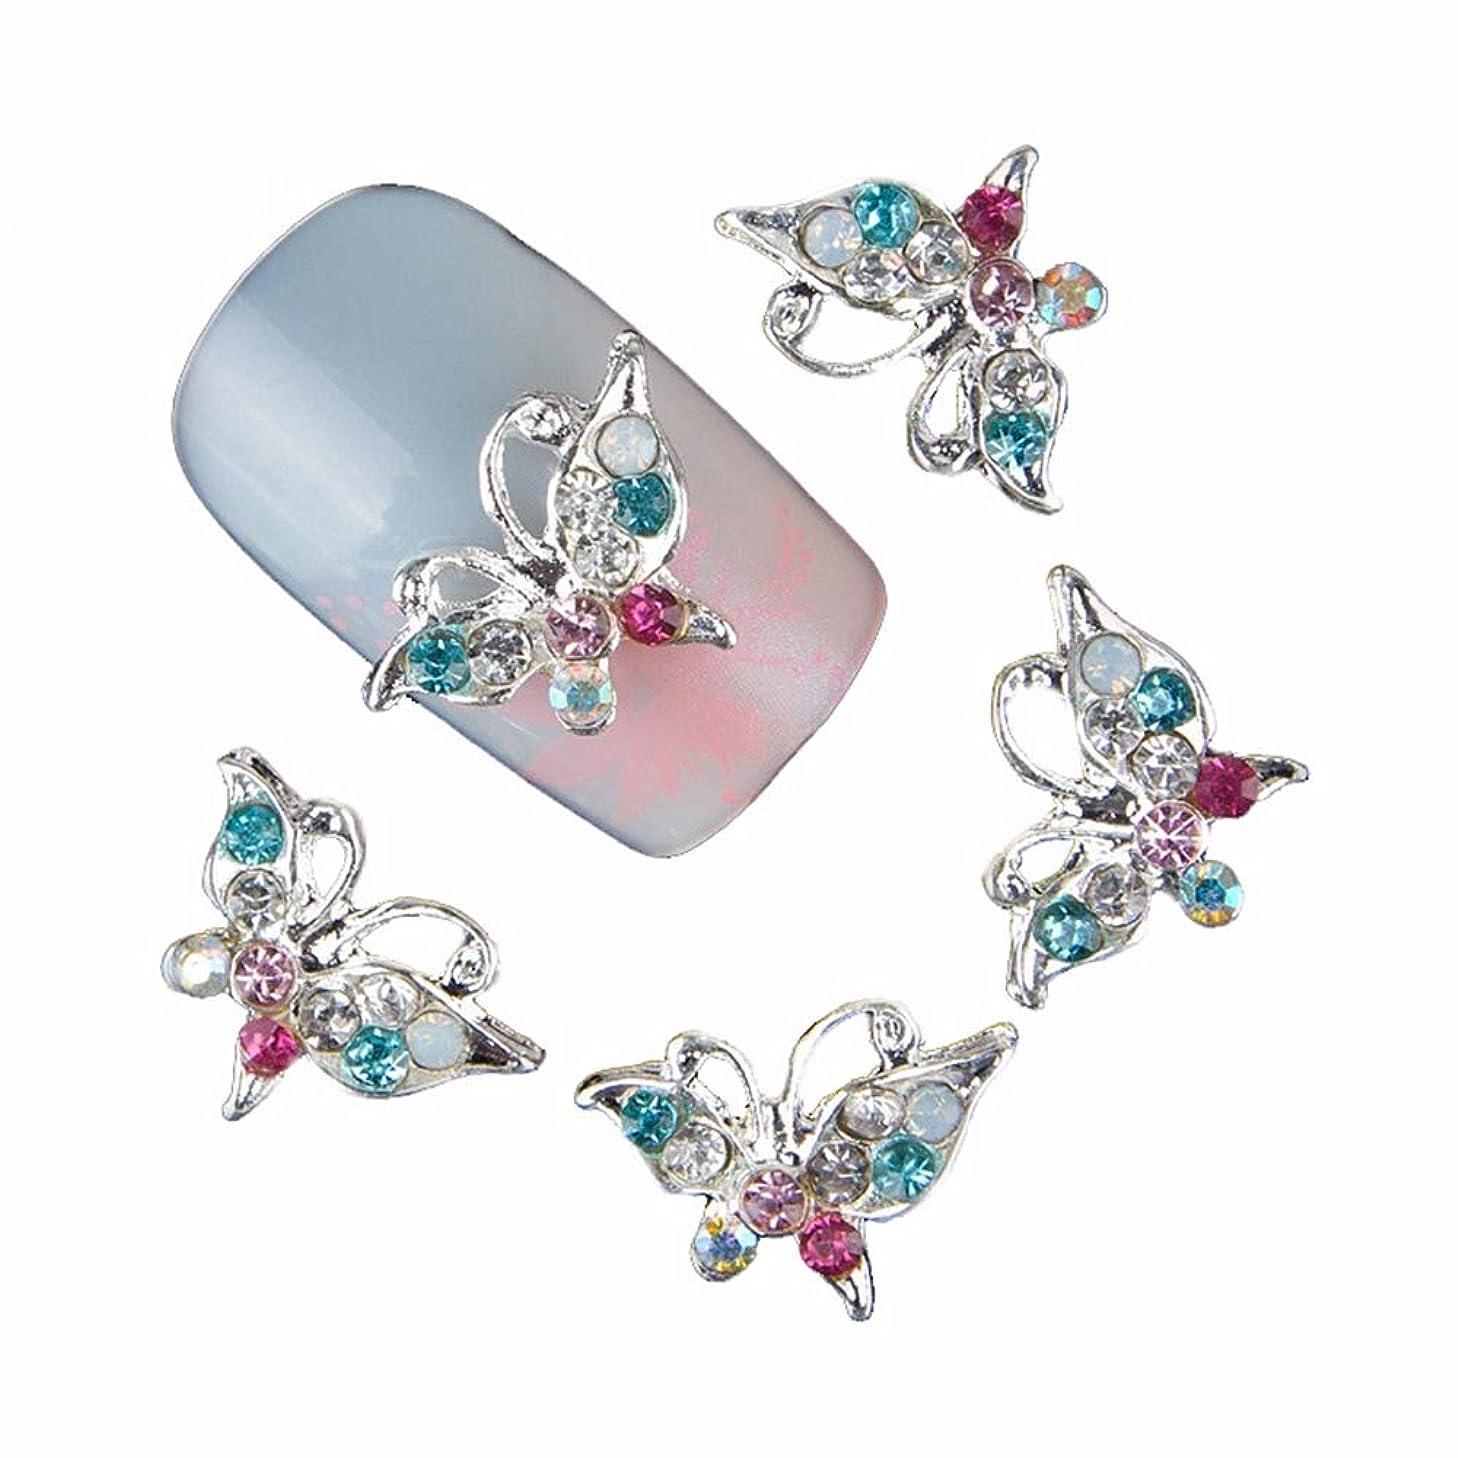 鯨乱す上10個入り/ロットグリッターラインストーンネイル蝶のデザインネイルズアートの装飾合金3Dストラススタッド付属品